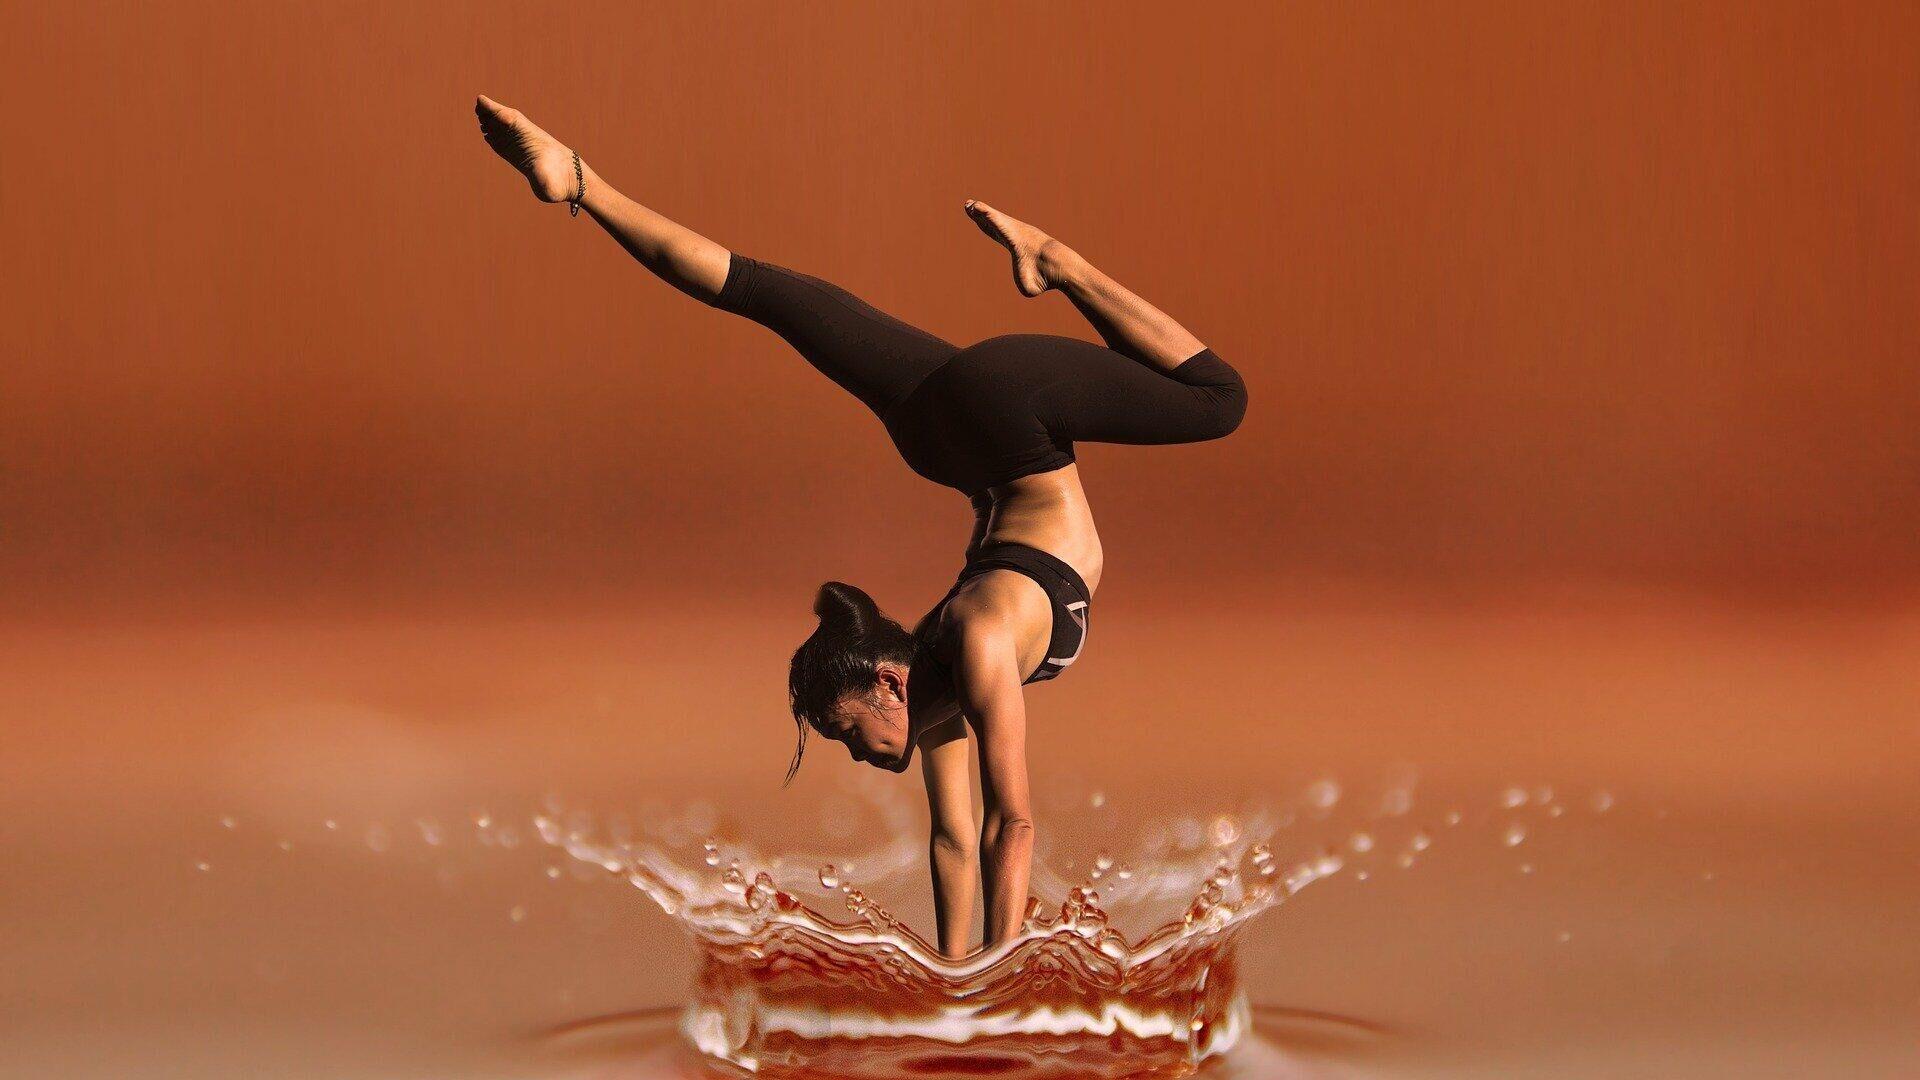 Una mujer y el yoga, actividad física - Sputnik Mundo, 1920, 01.09.2021